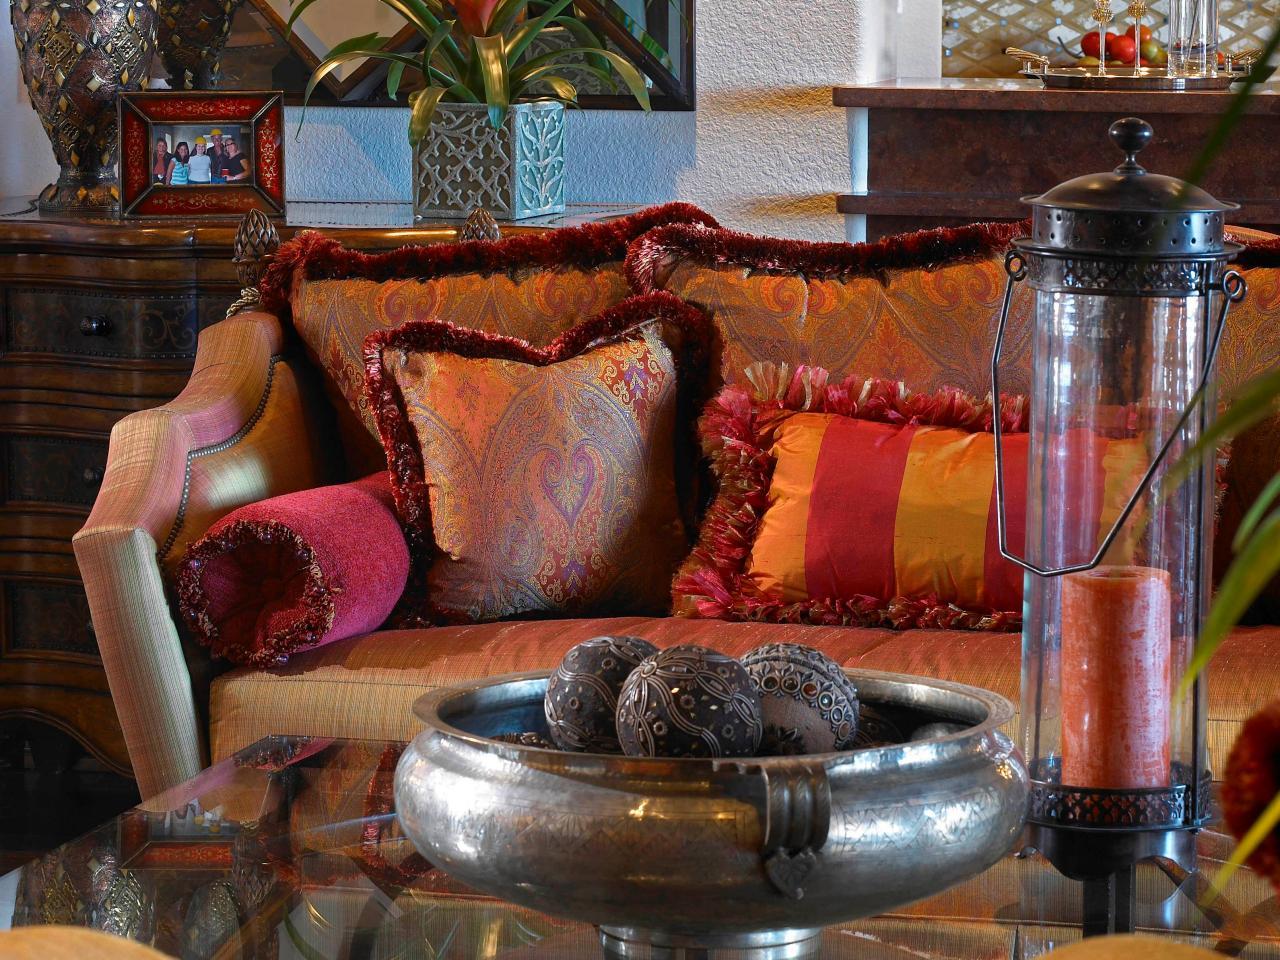 marruecos plato decorativo plata sofa cojines